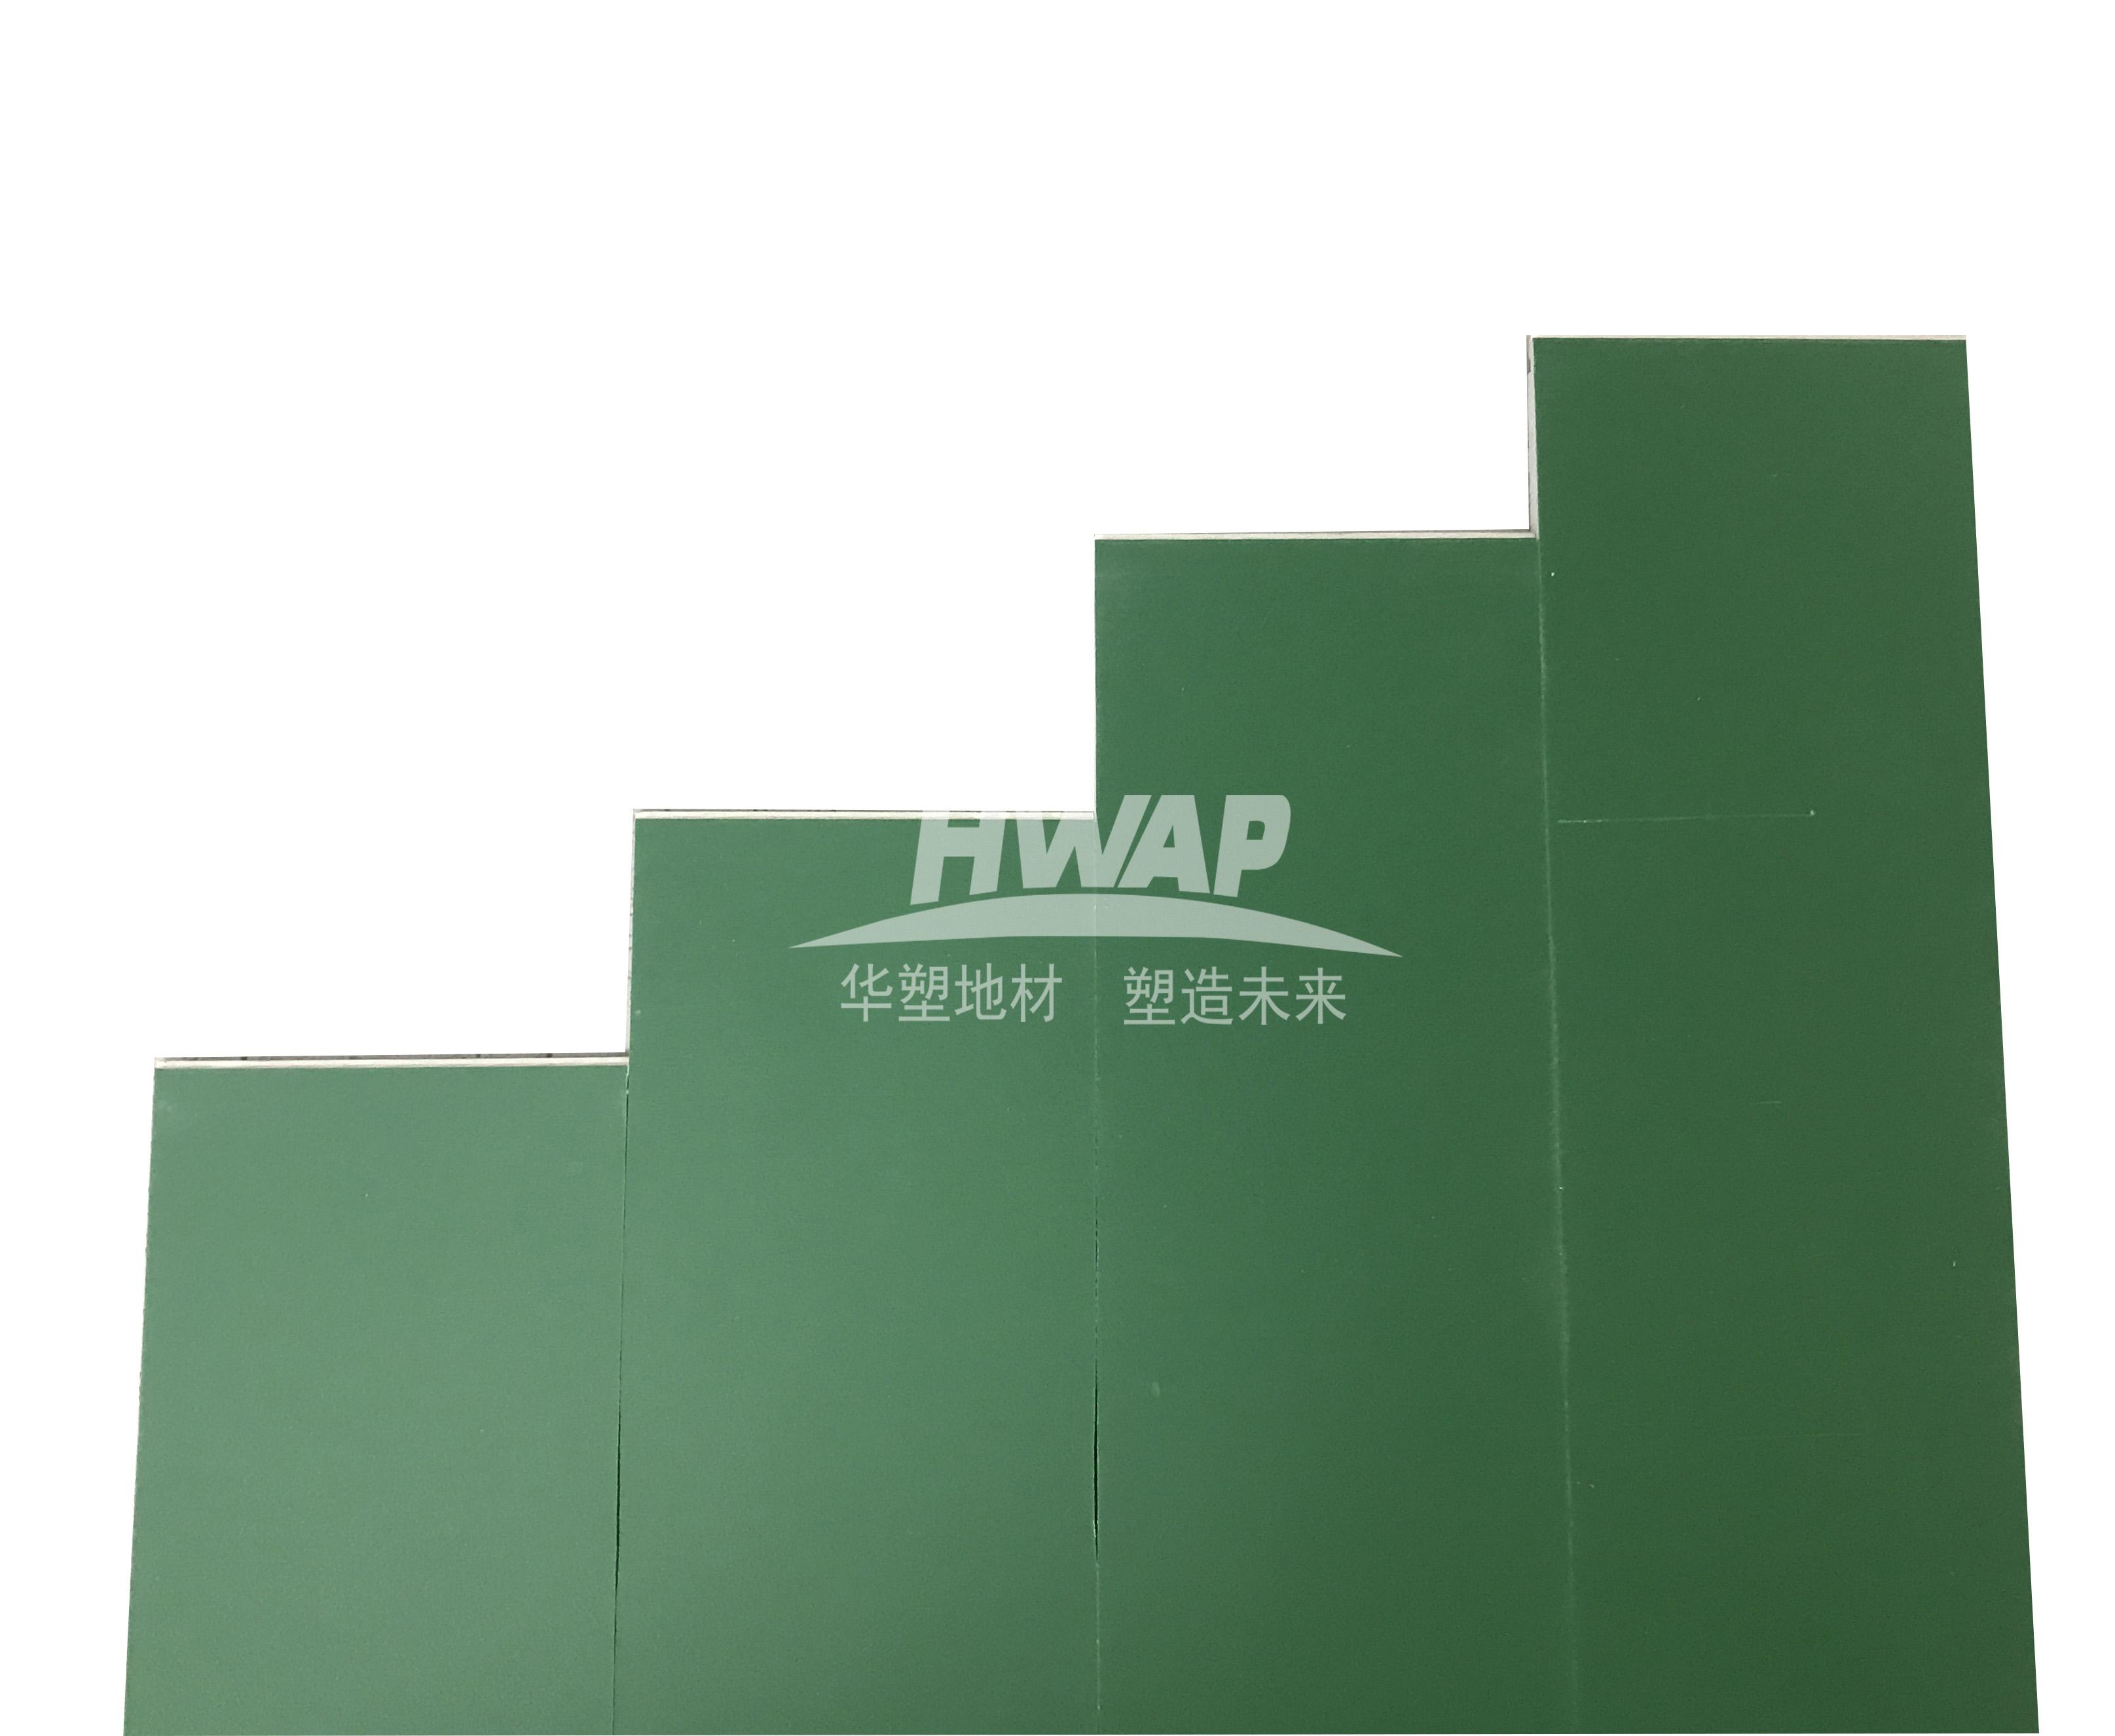 HP-WOG-8905